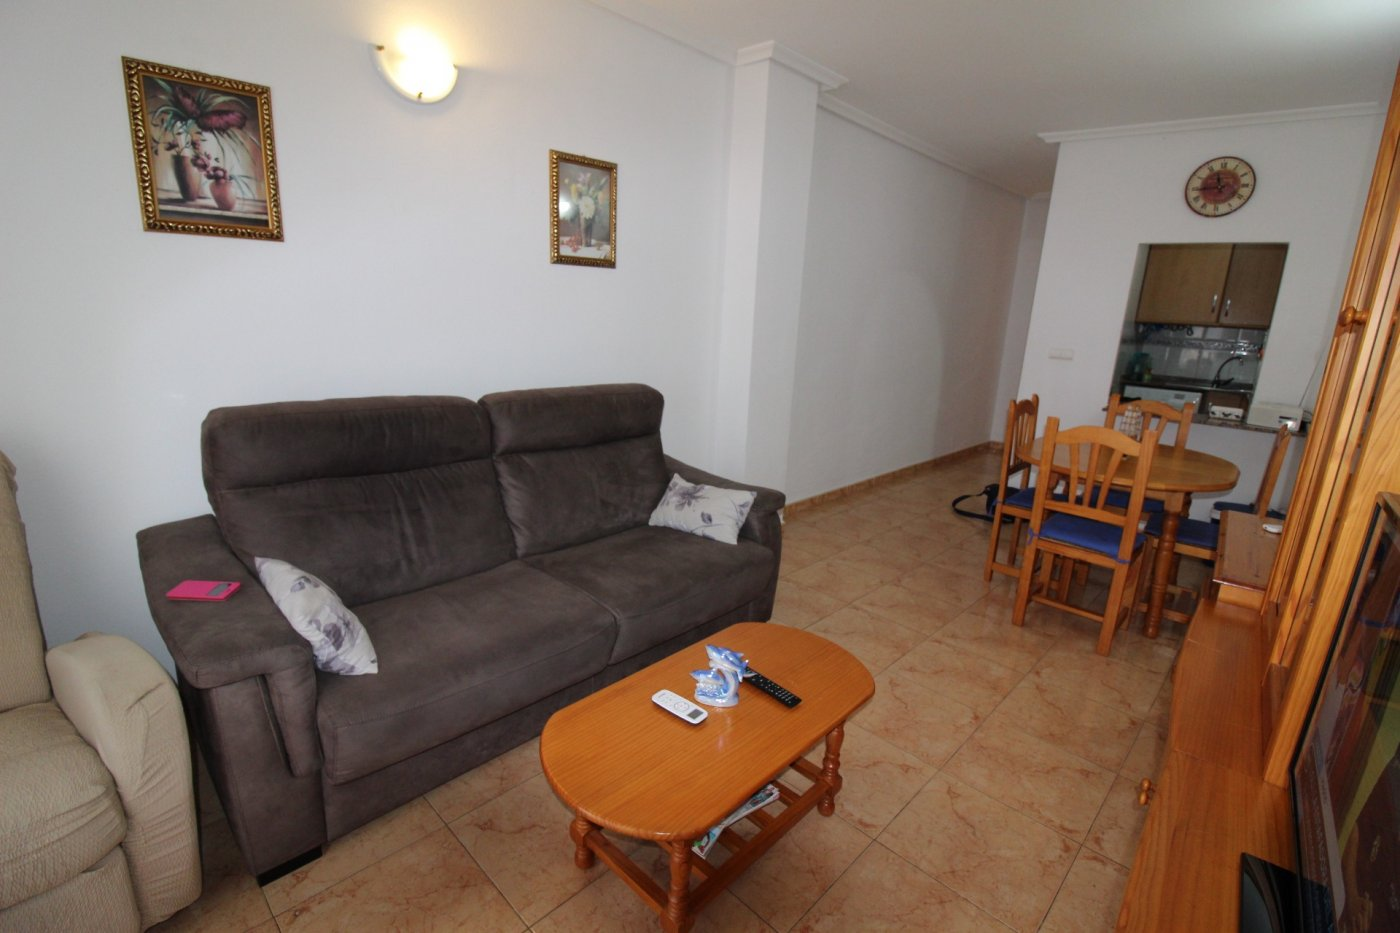 Apartment en Torrevieja zona Parque las naciones